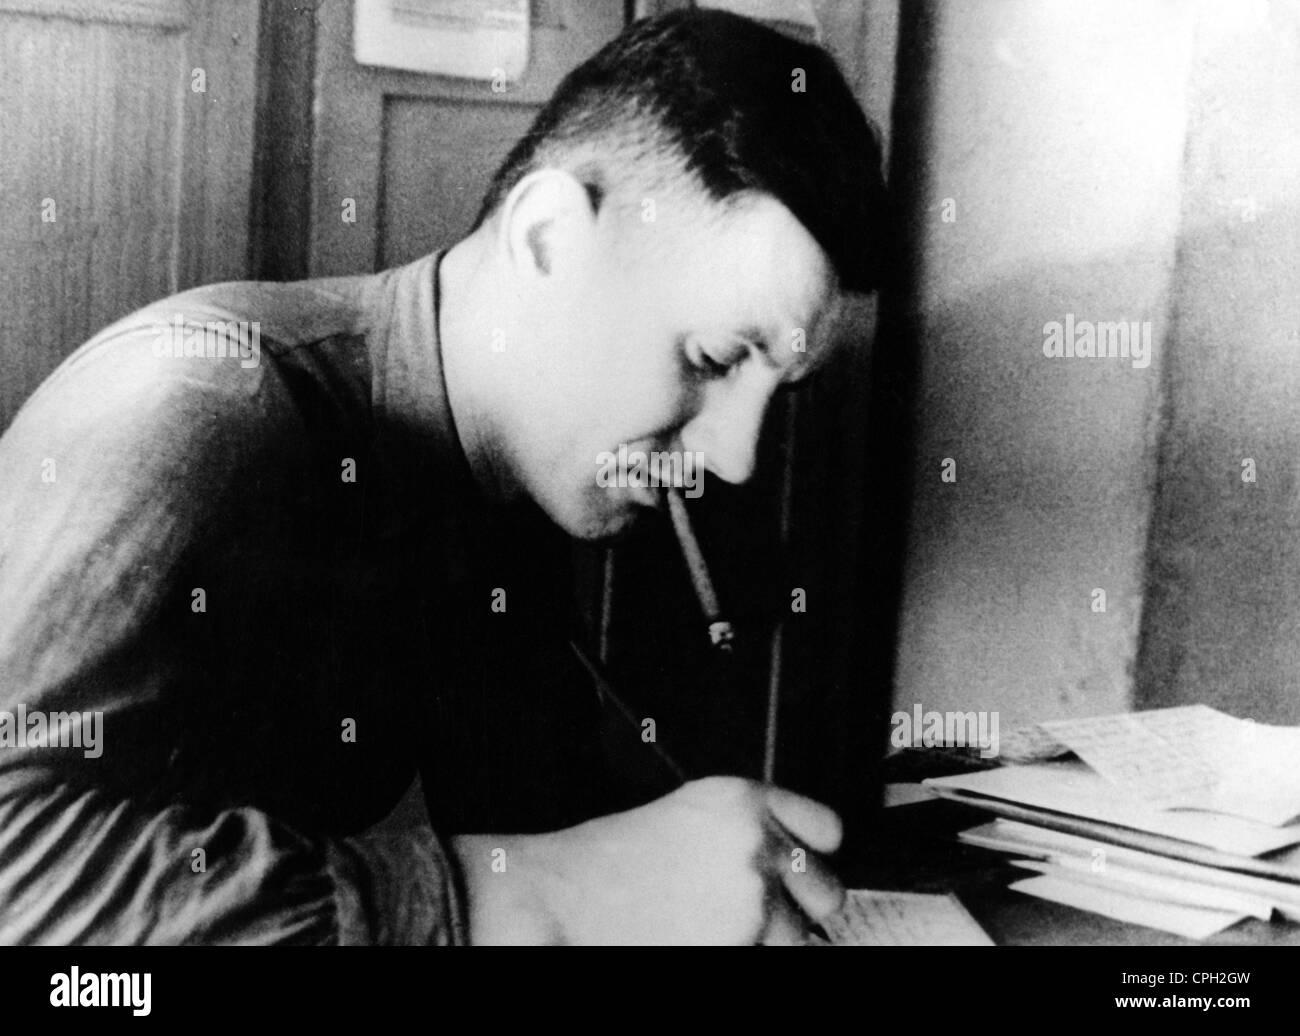 justice, trials, Auschwitz trials, 1st trial 1963 - 1965 Stock Photo